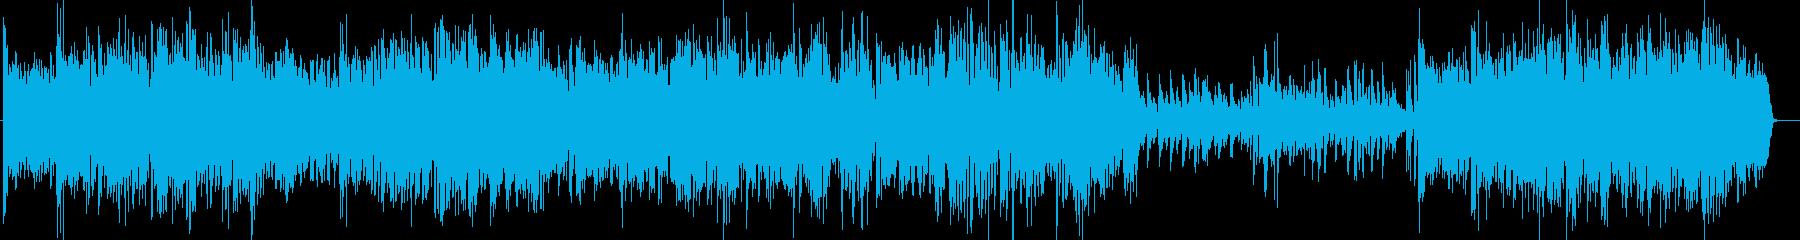 ビッグバンドジャズG線上のアリアBachの再生済みの波形